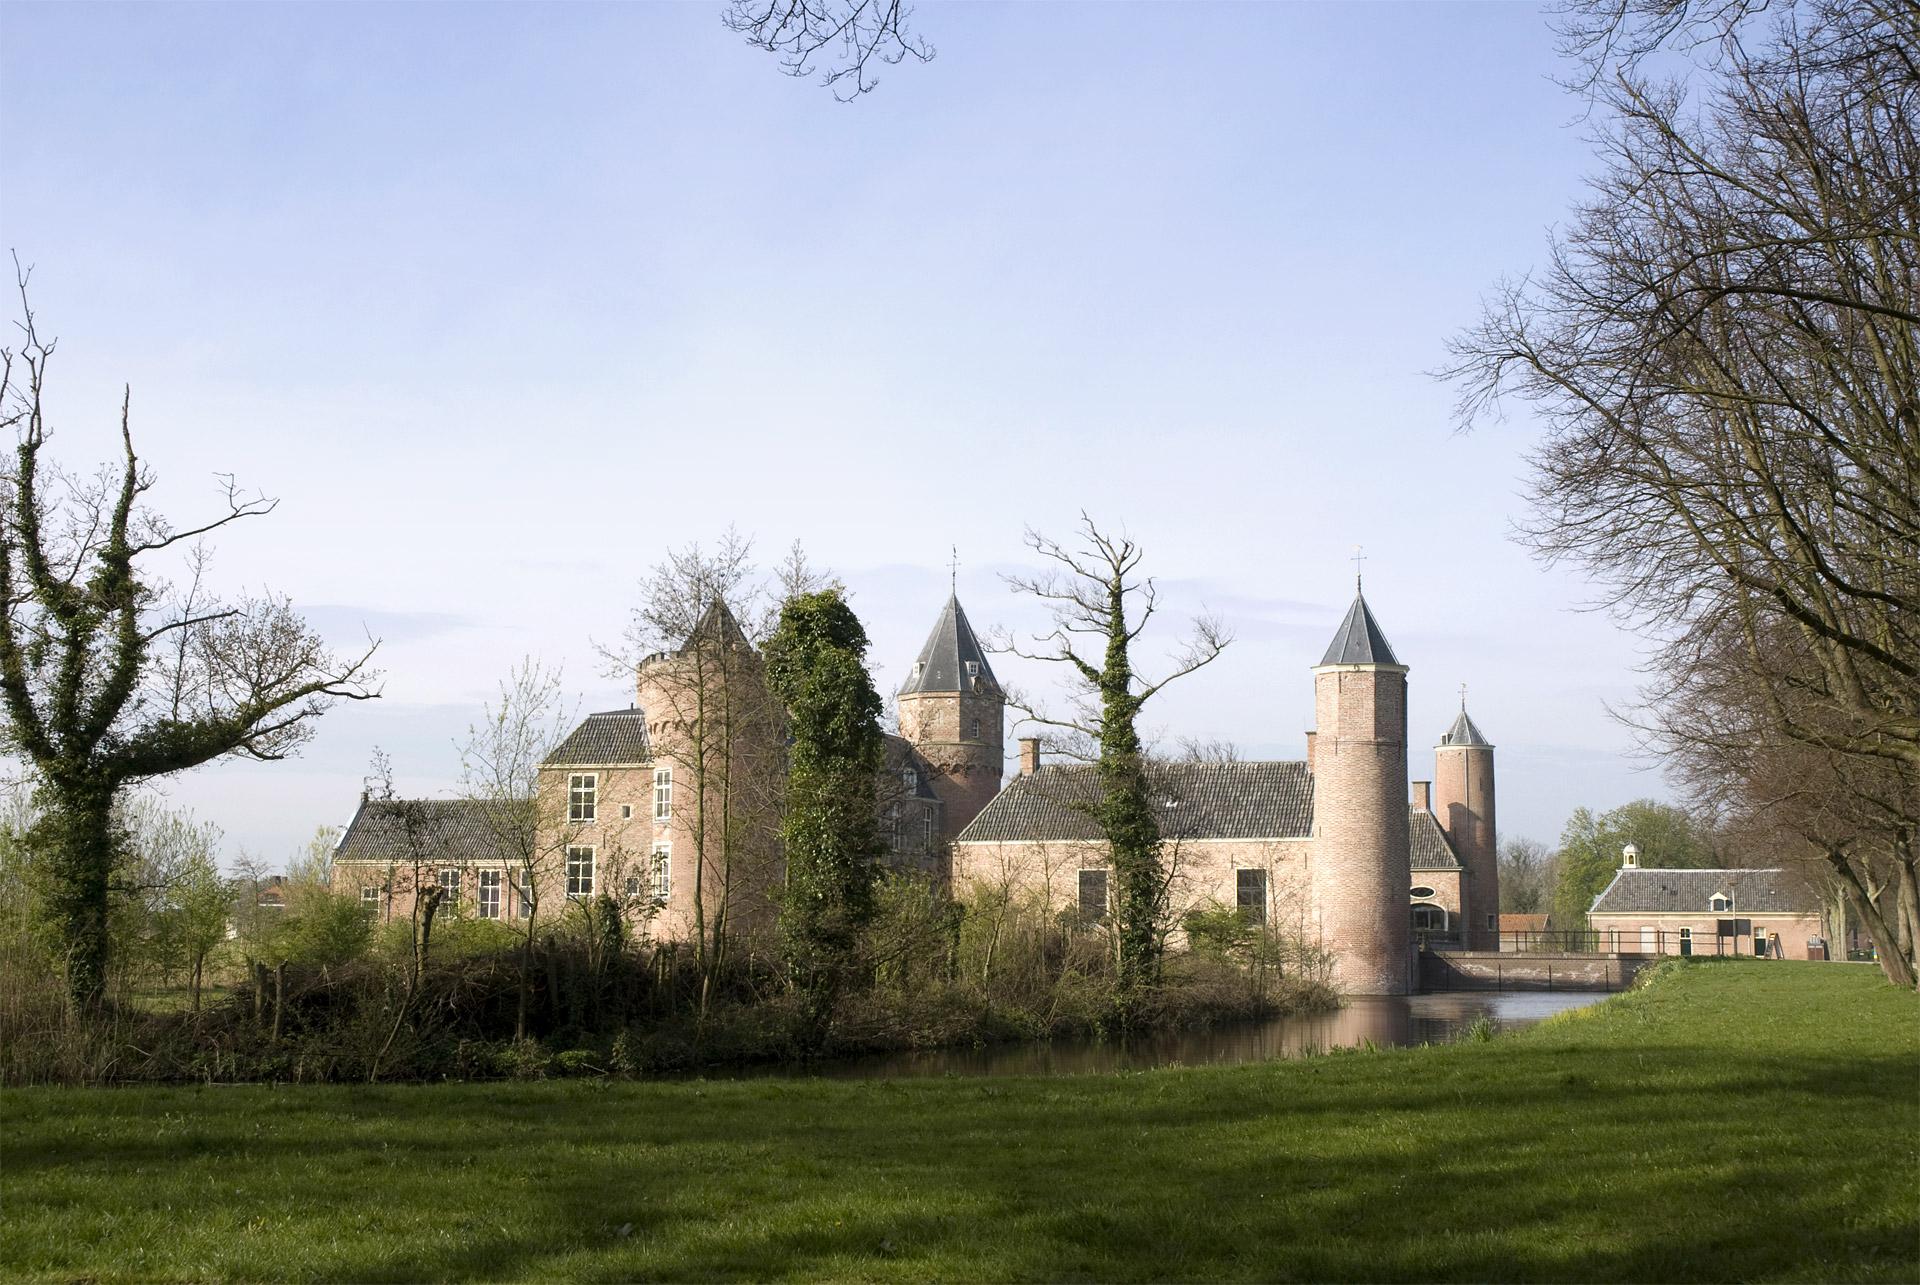 hotel-kodde-aagtekerke-omgeving-146025946